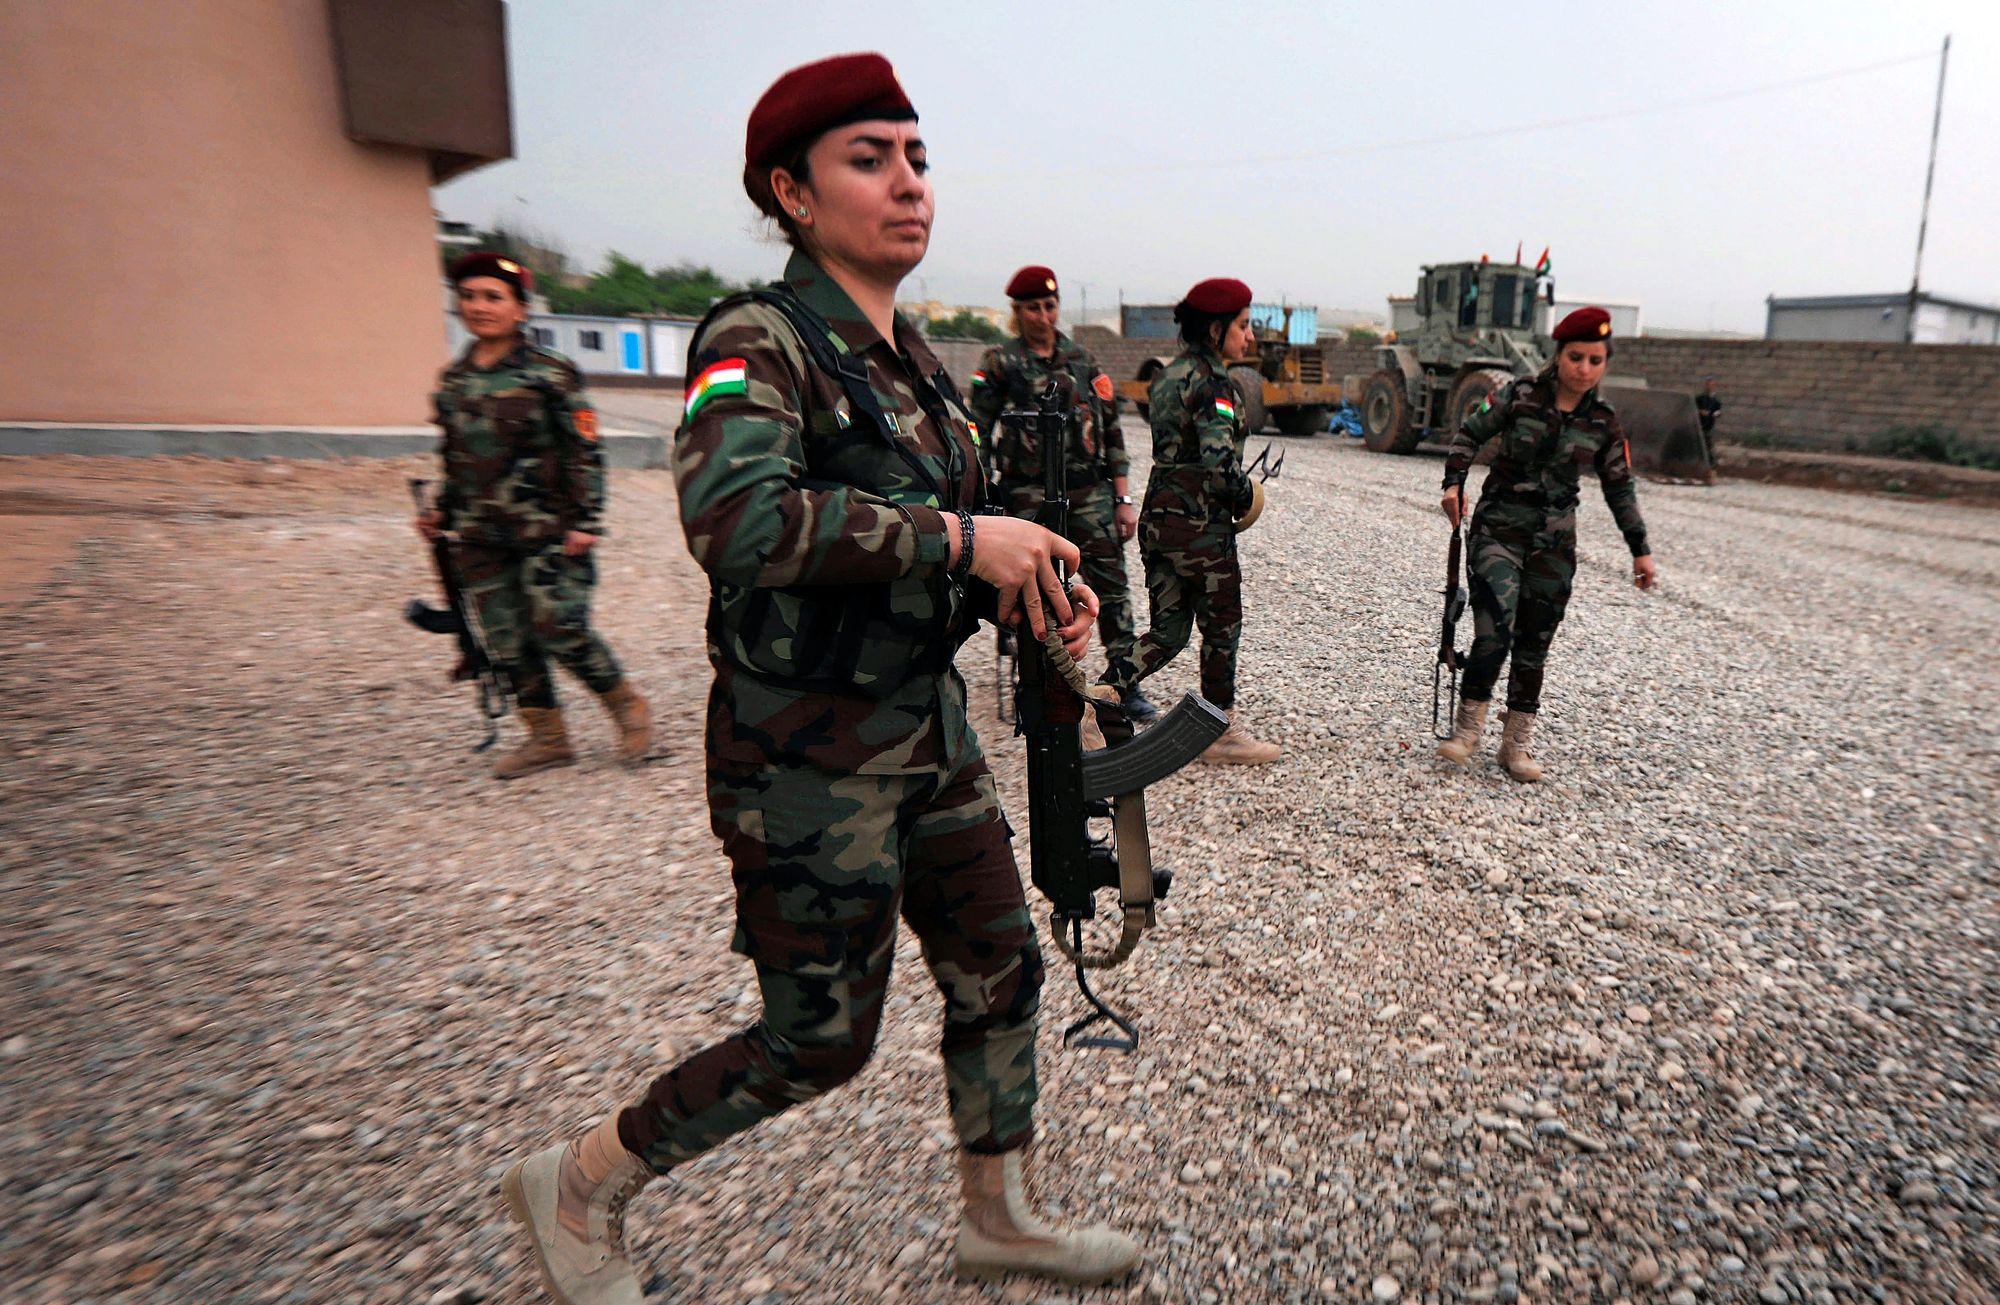 Länsimaat antoivat kurdijoukoille ilmatuen lisäksi materiaalipua ja sotilaskoulutusta. Irakin kurdialueilla toimivat vuosina 2015-2019 myös Suomen valtion kriisinhallintajoukot, jotka kouluttivat viitisen tuhatta kurdisotilasta. © Getty Images